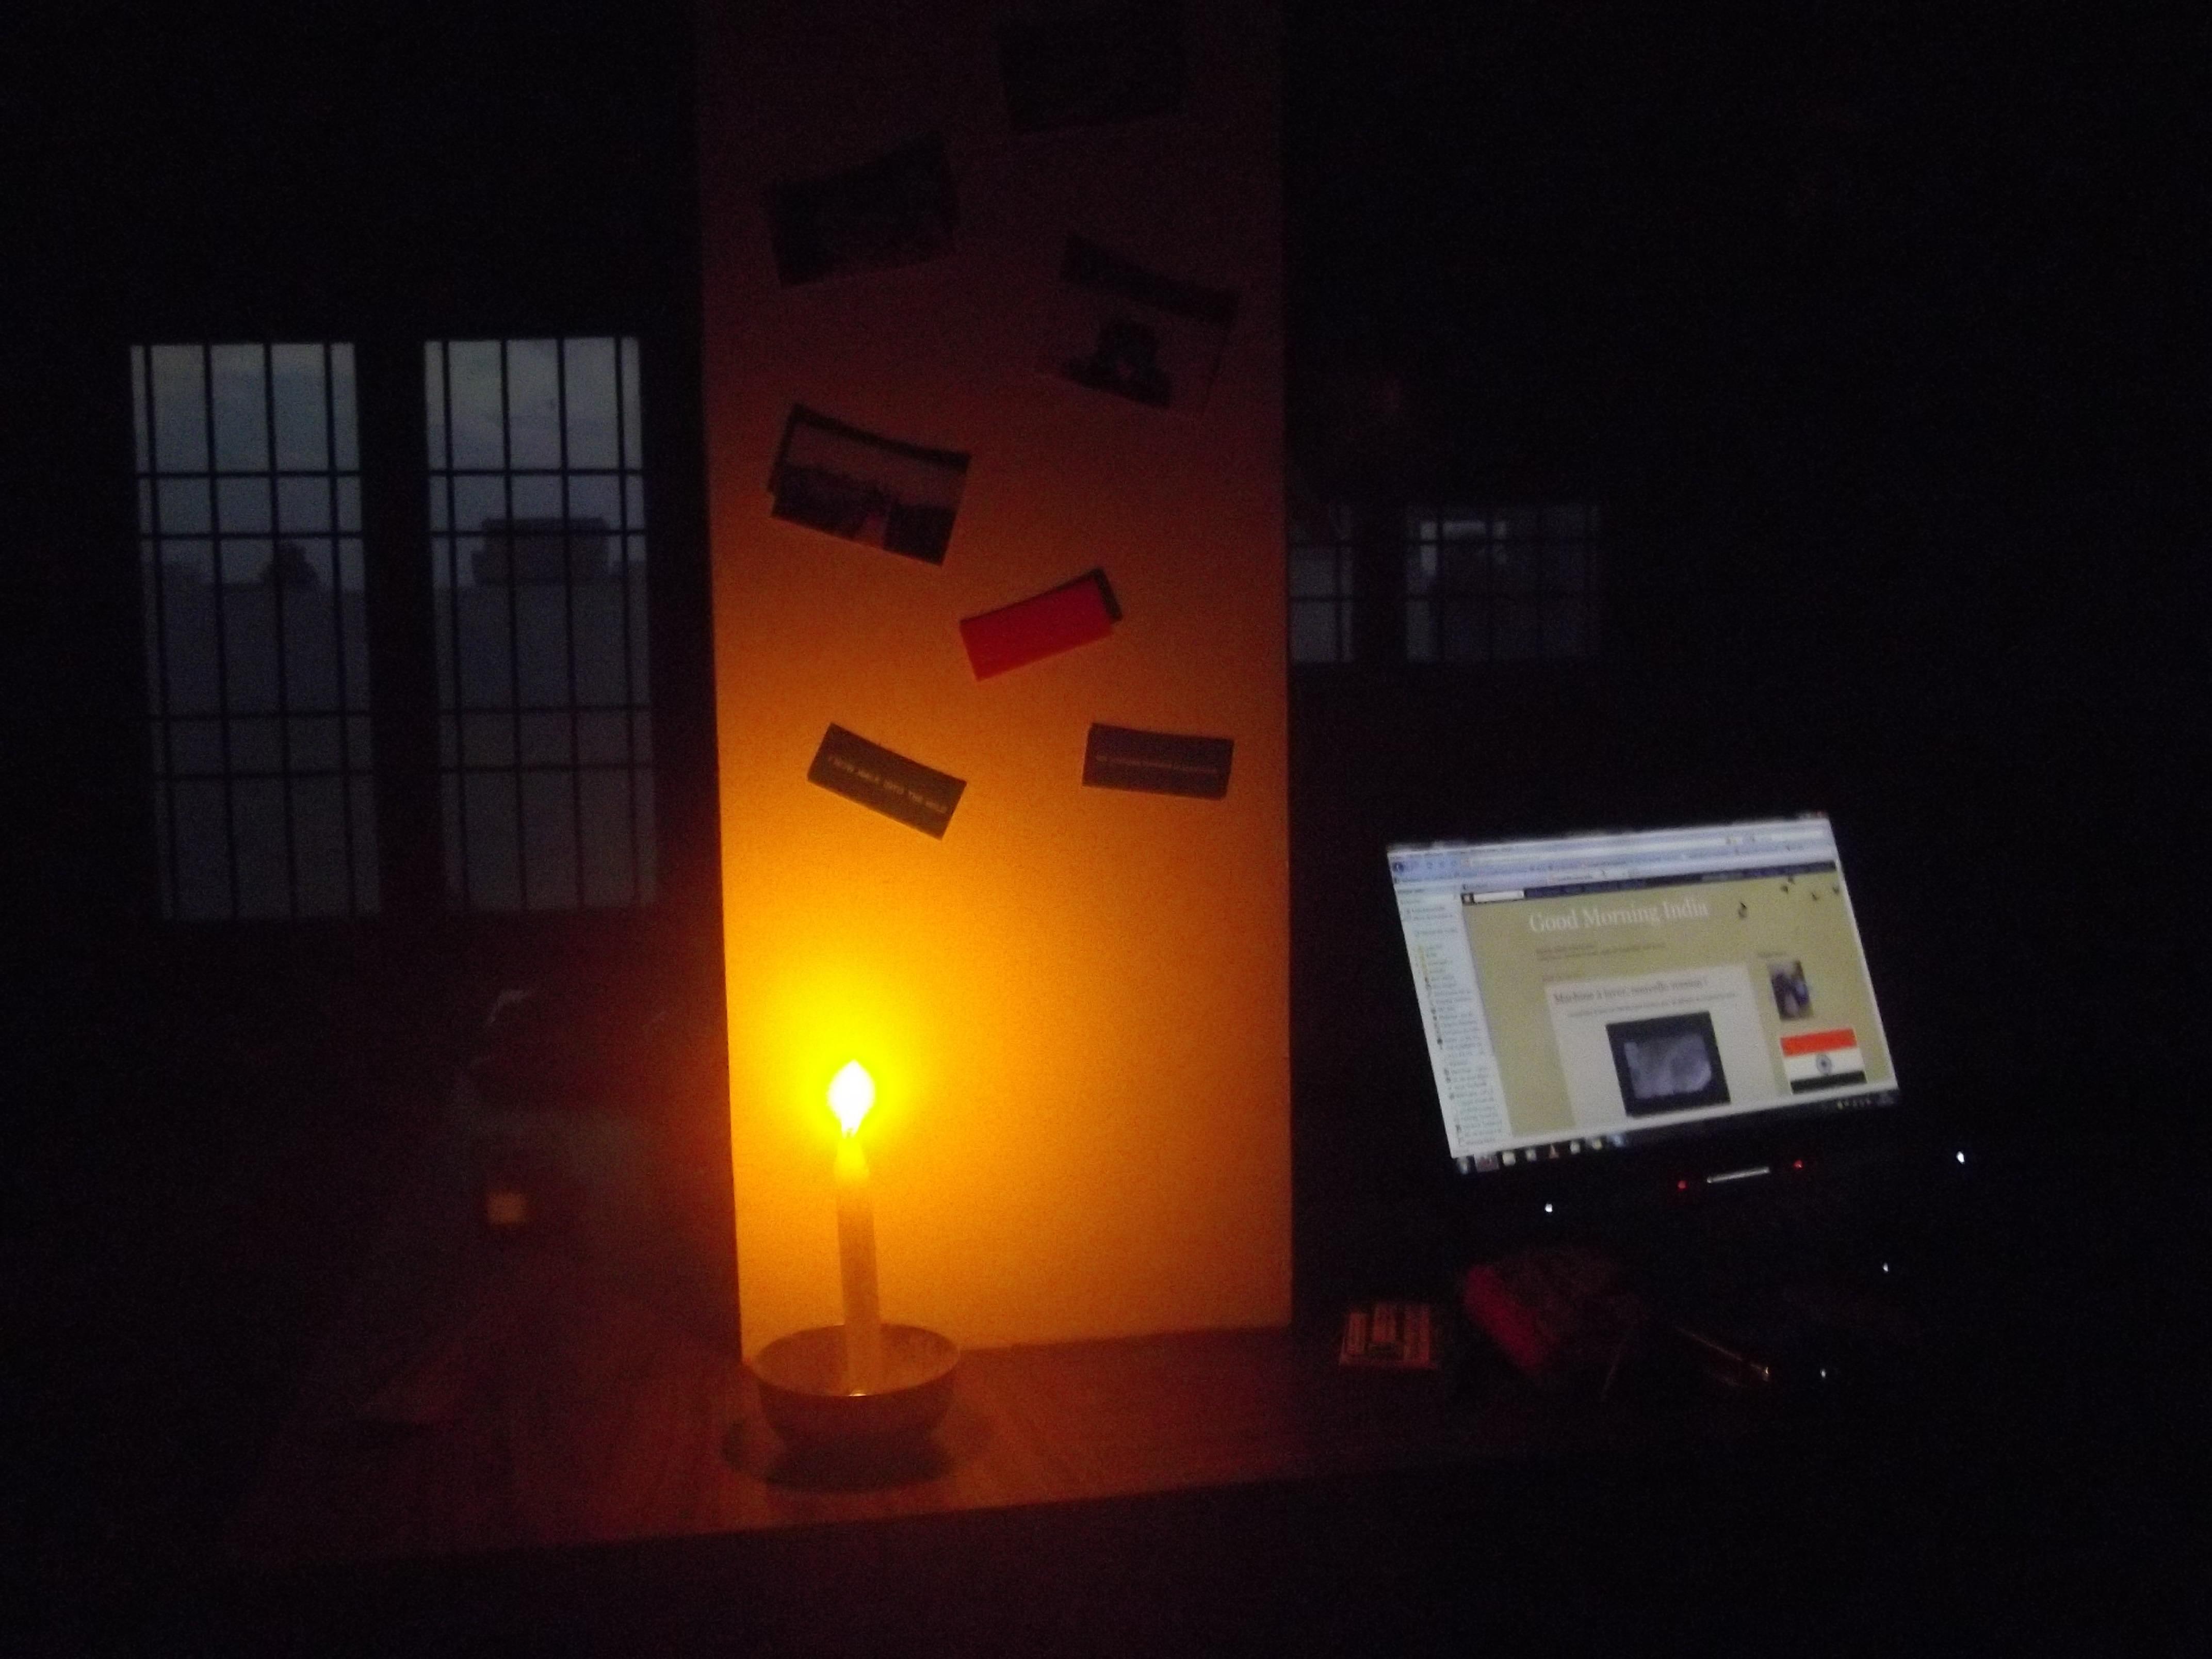 pas d'électricité chennai inde